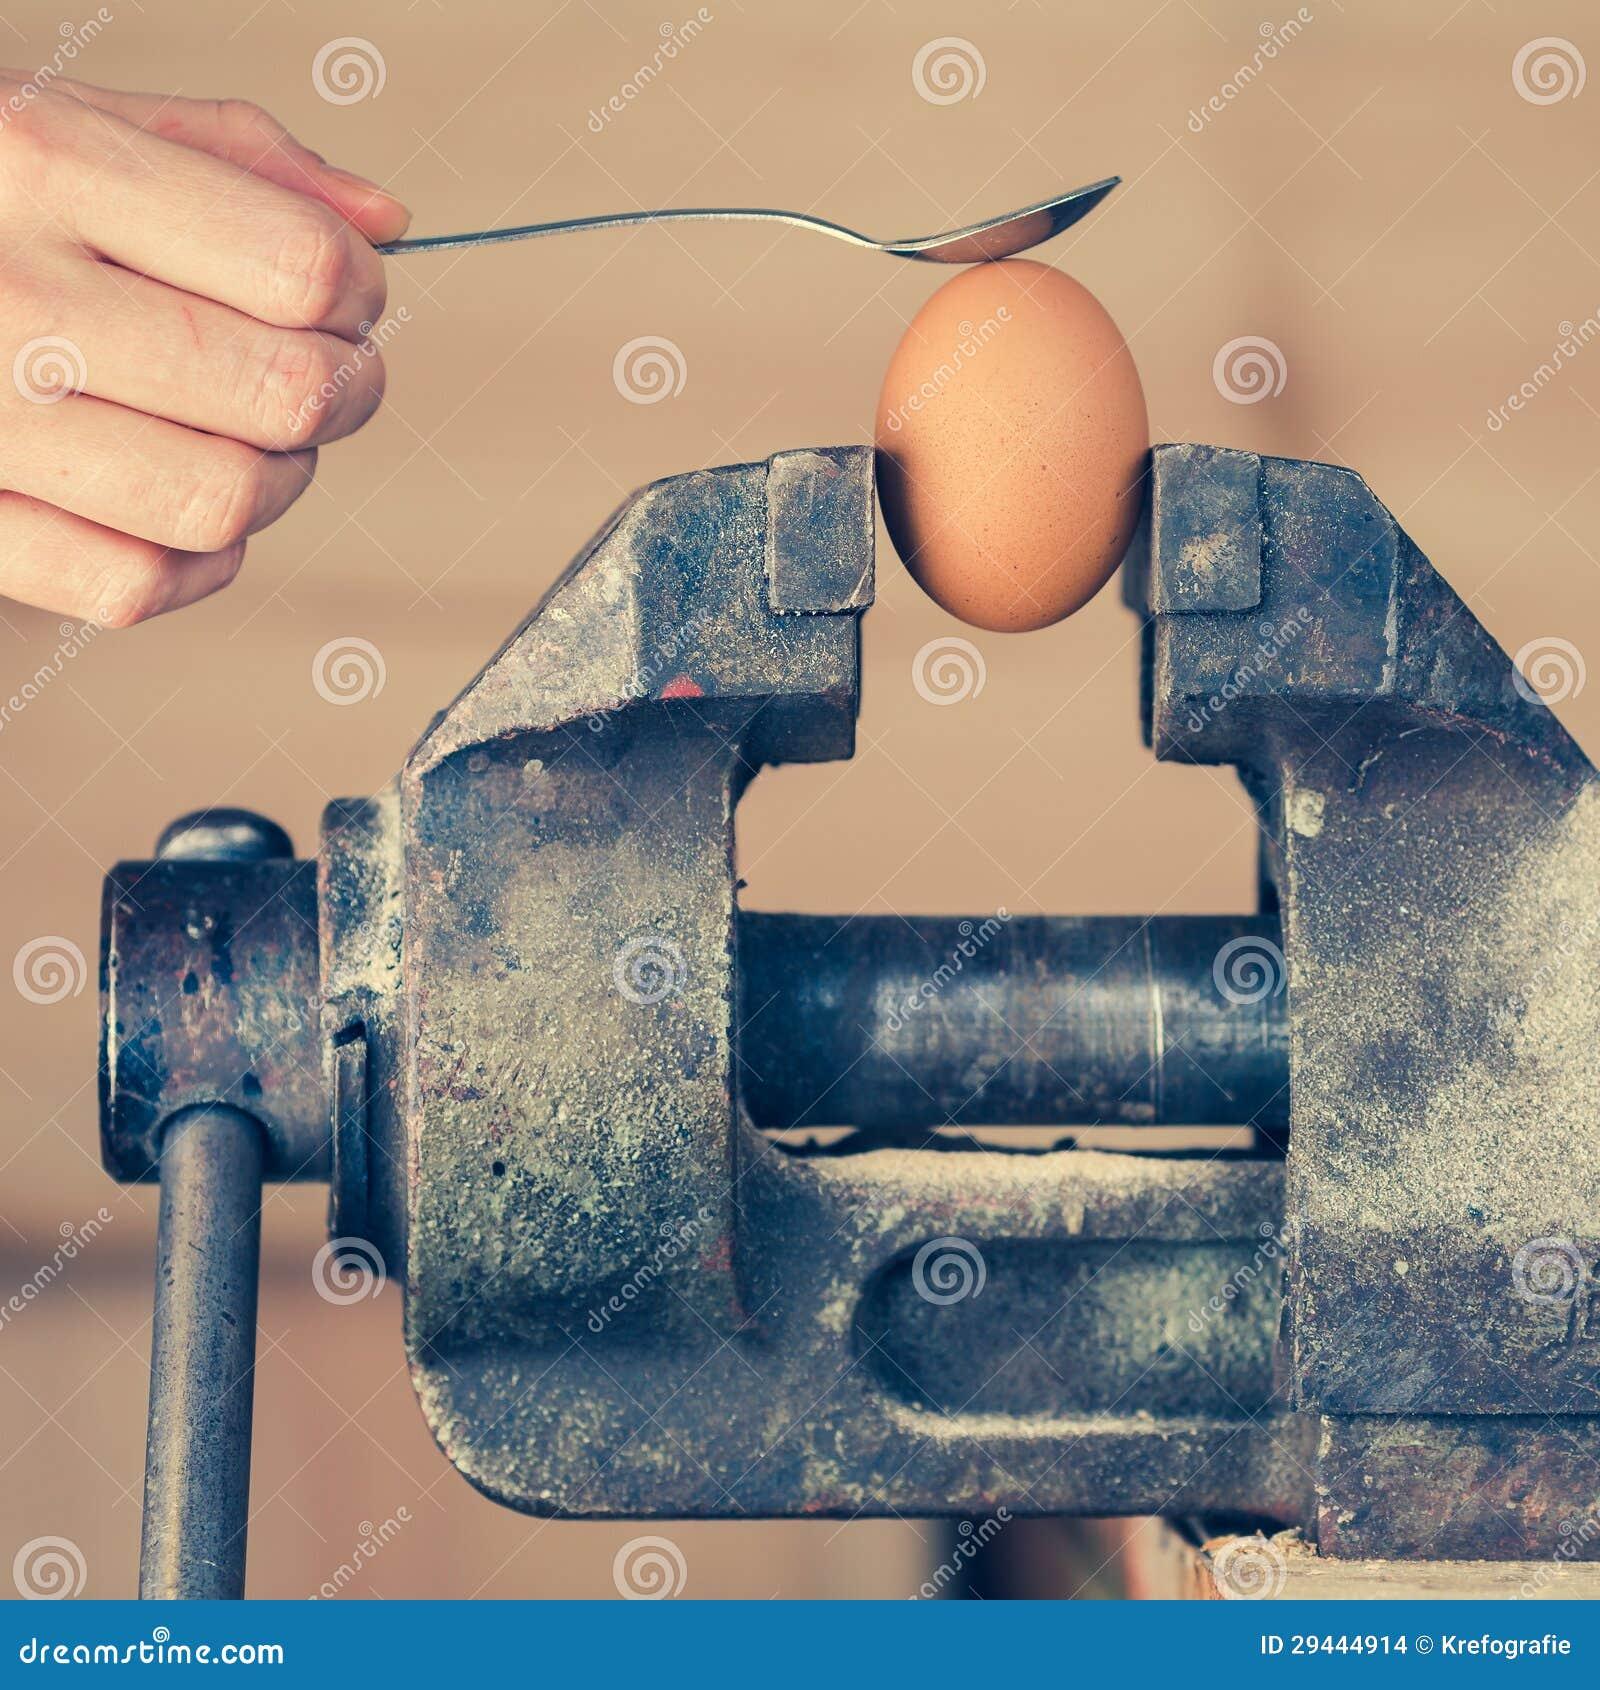 грудь покачивается видео онлайн яйца в тисках появился свободном махровом